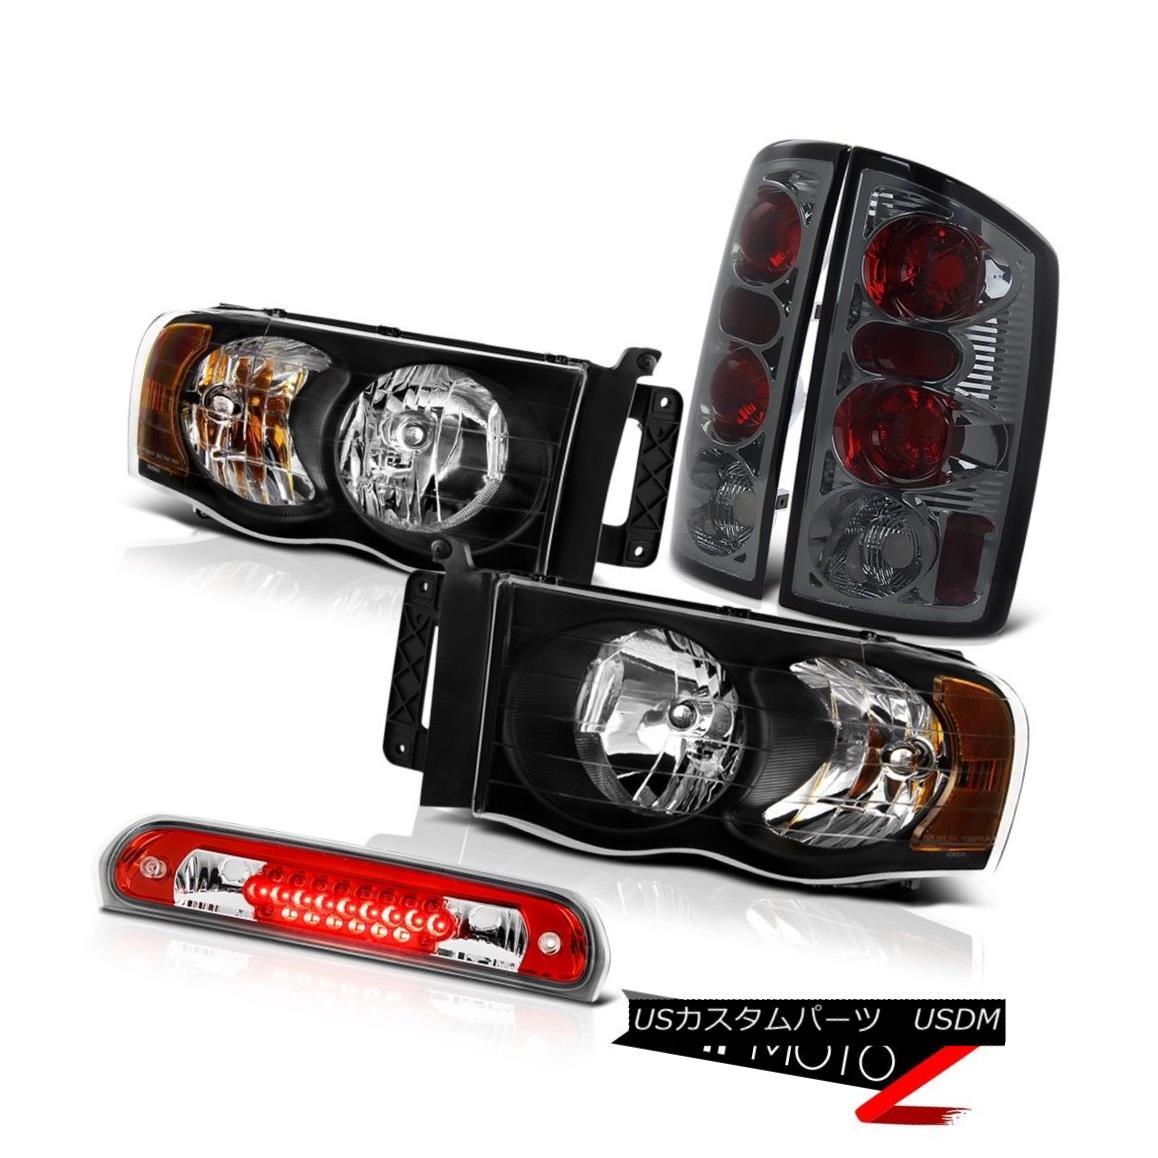 テールライト Crystal Black Headlights Smk Tail Lamp High Brake Cargo LED 2002-2005 Ram SRT-10 クリスタルブラックヘッドライトSmkテールランプハイブレーキカーゴLED 2002-2005 Ram SRT-10